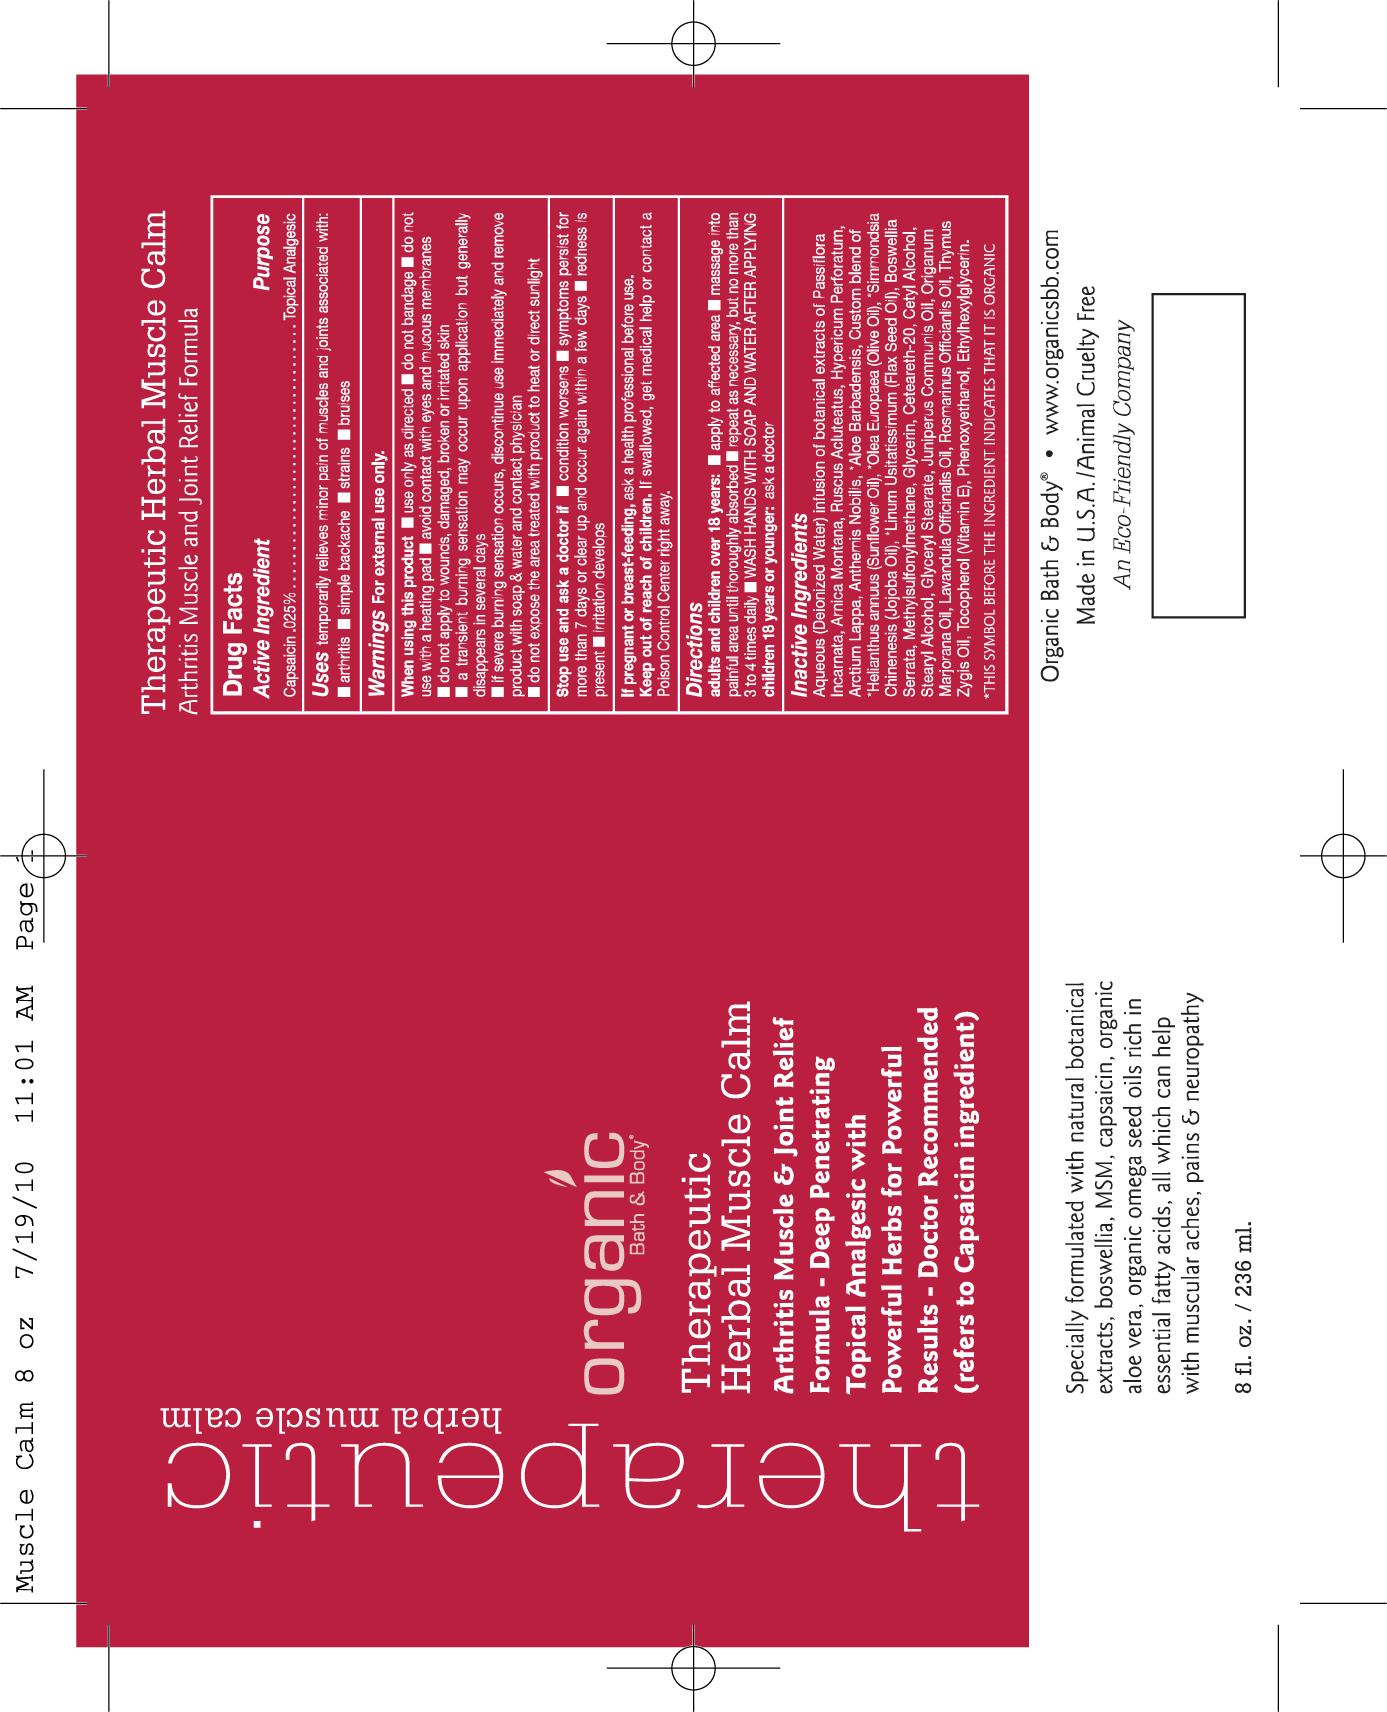 Therapeutic Herbal Muscle Calm Capsicum (Capsicum) Lotion [Eco-logics, Inc.]